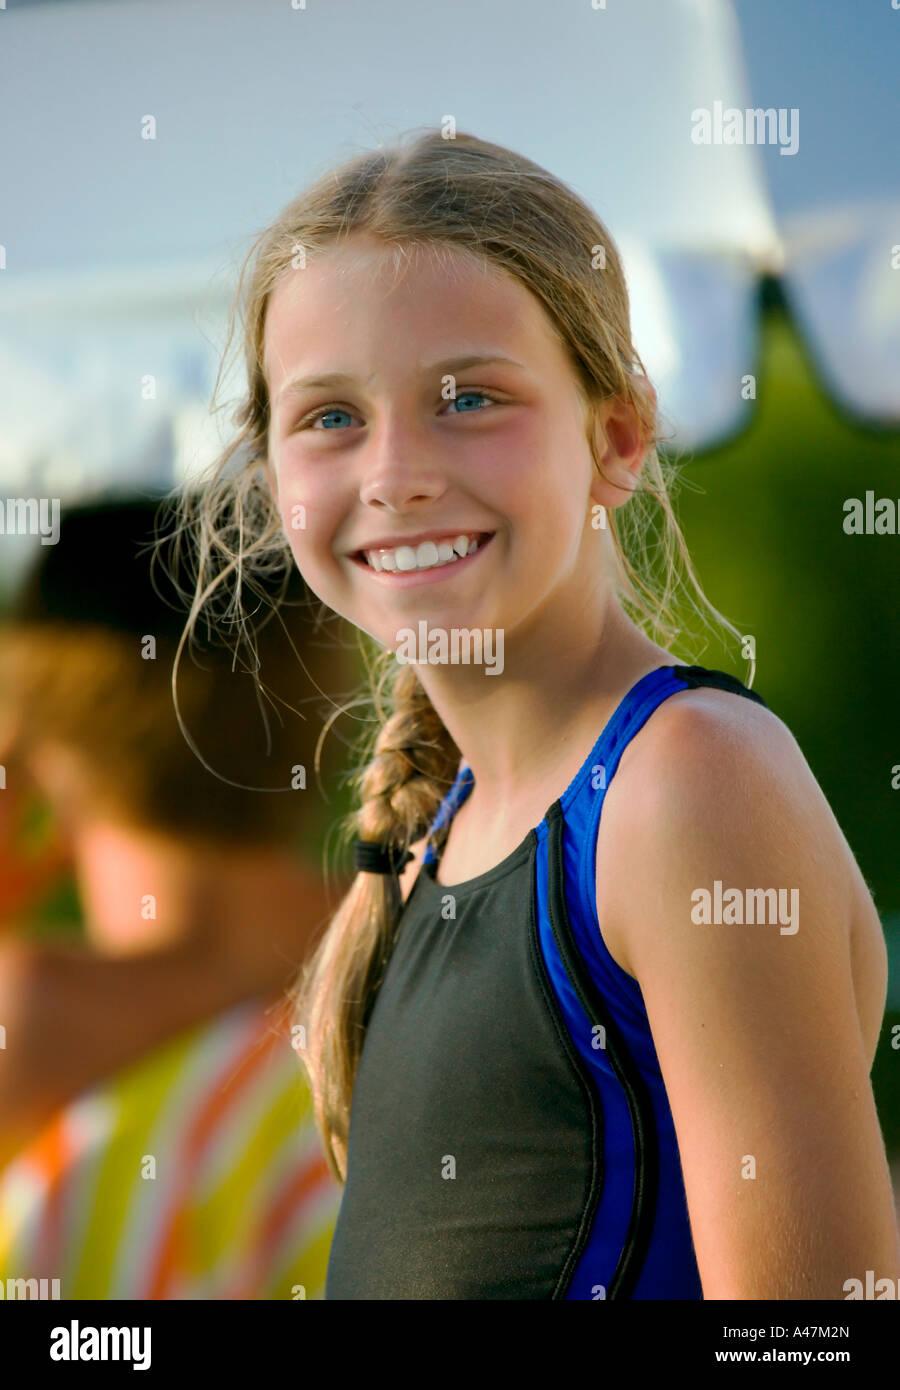 Portrait of girl at outdoor swim meet - Stock Image